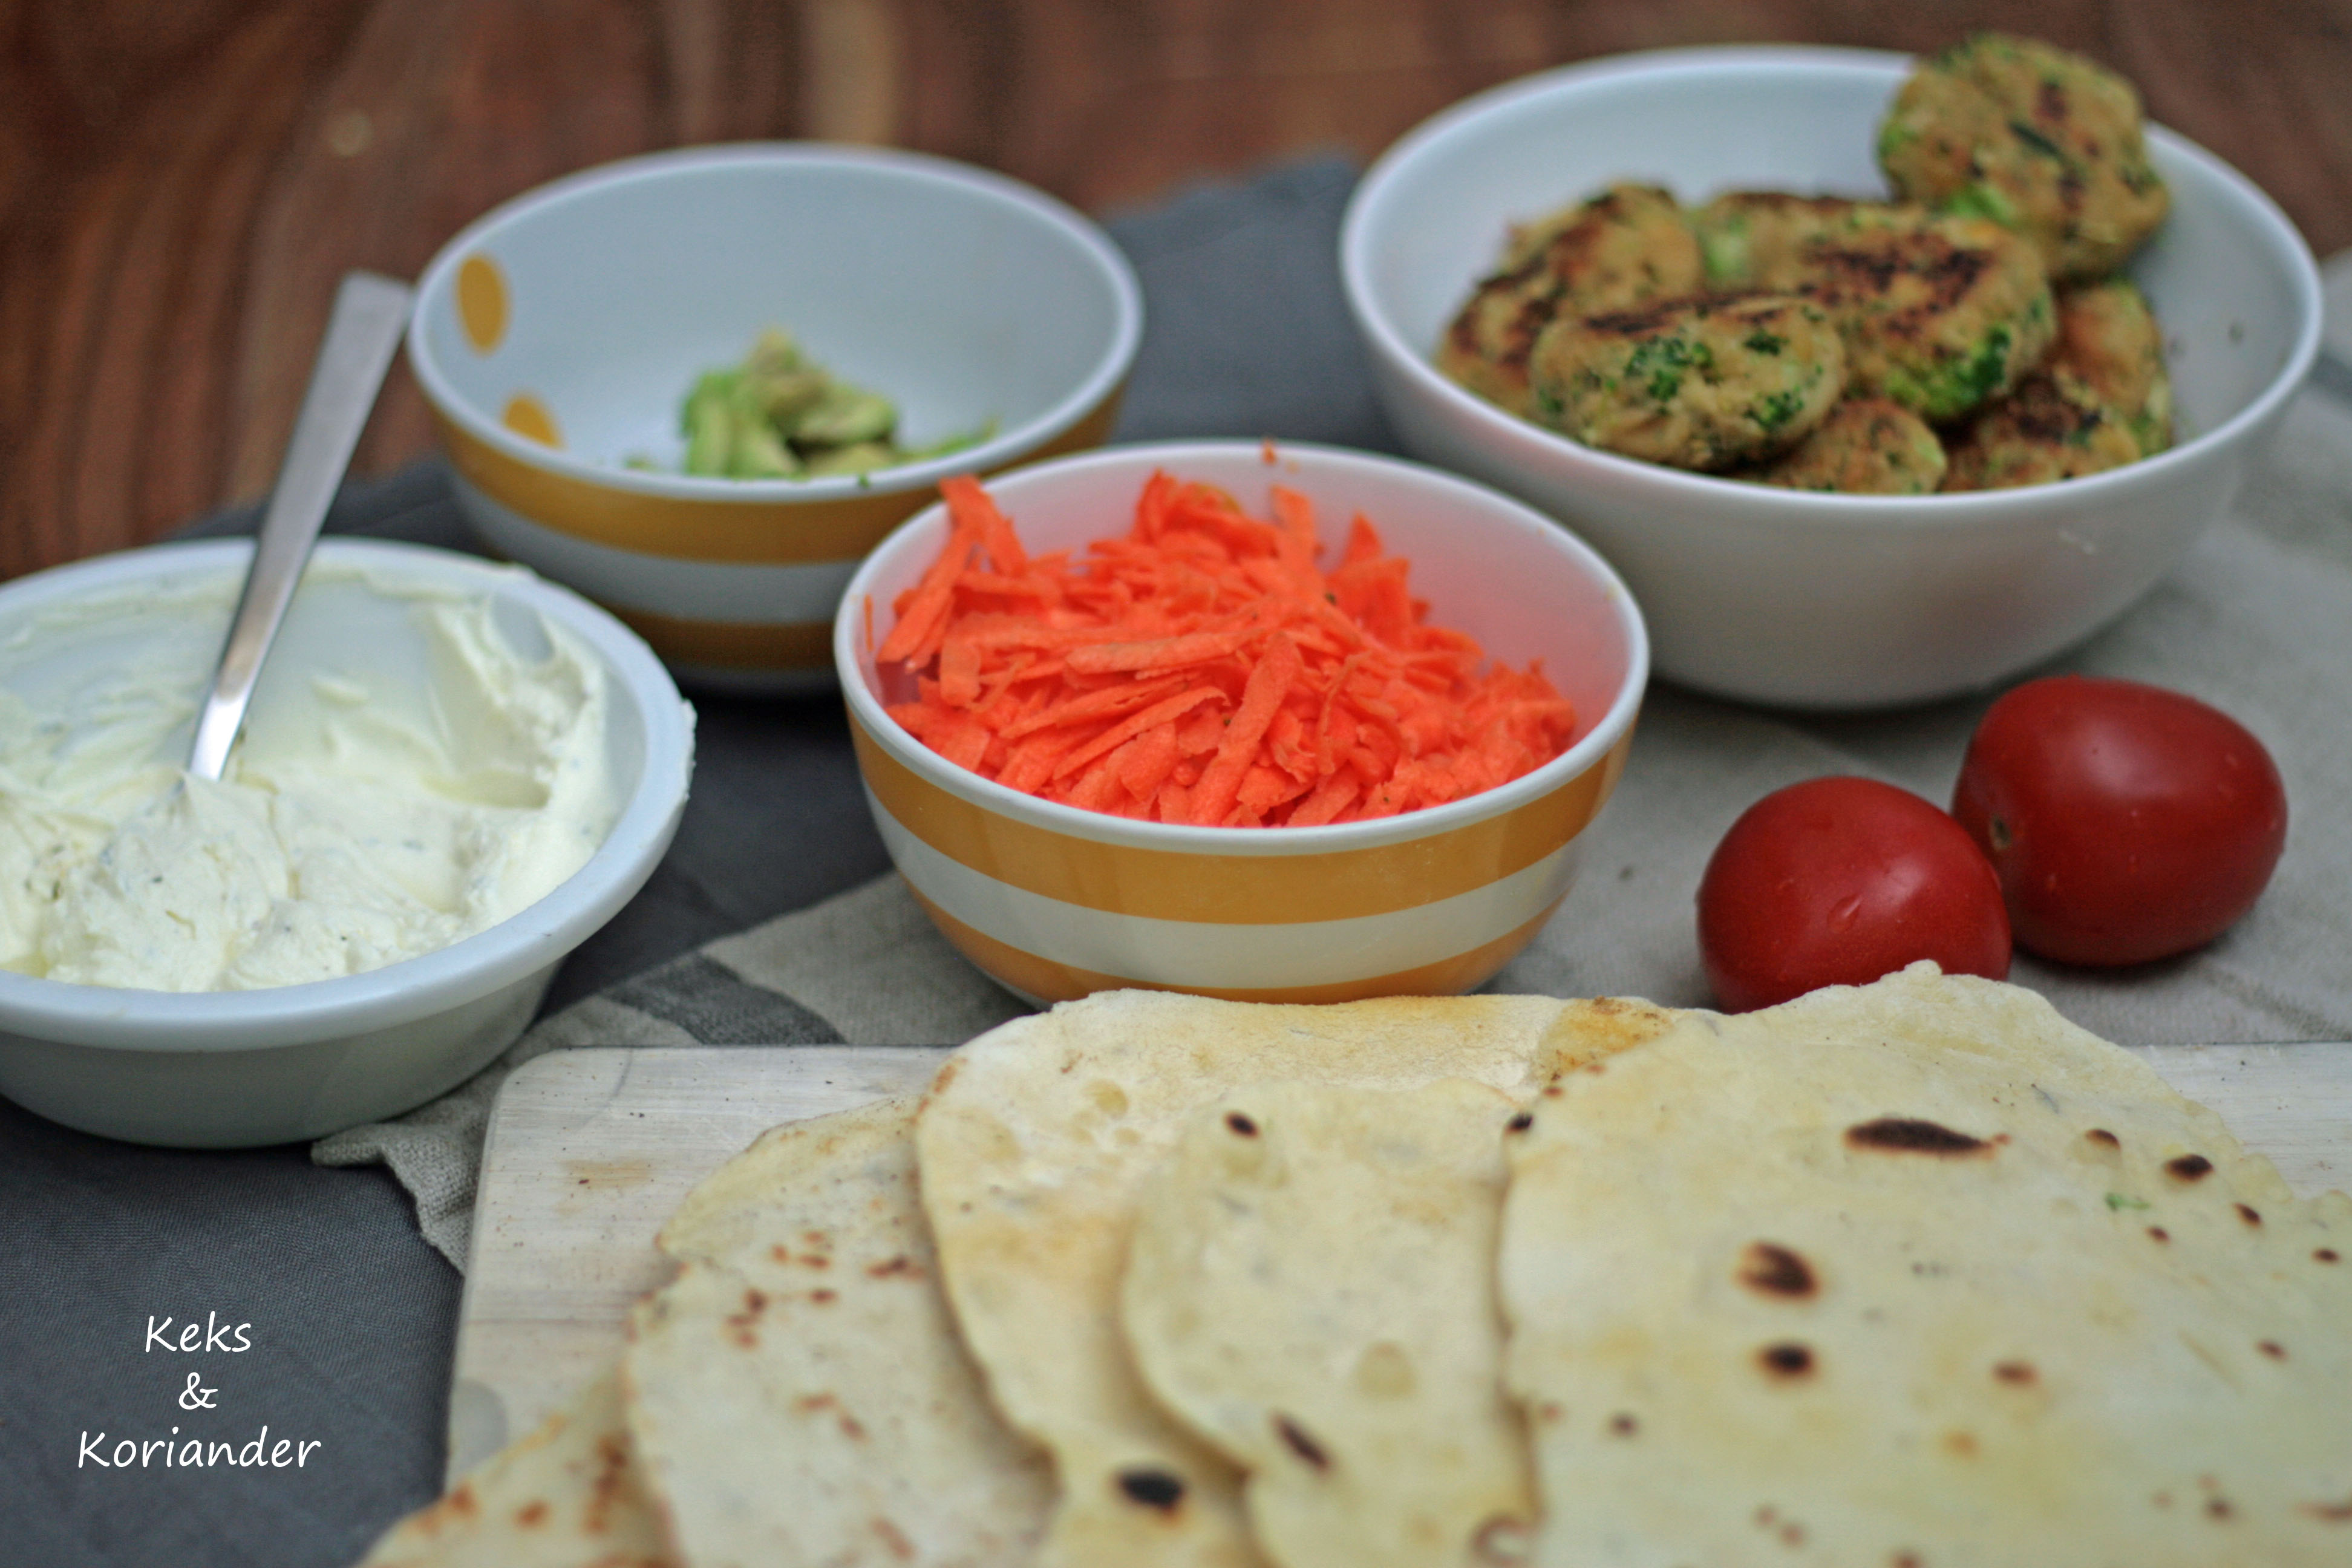 Wraps mit Falafel, Spinat, Karotte, zum Mitnehmen, take away 3